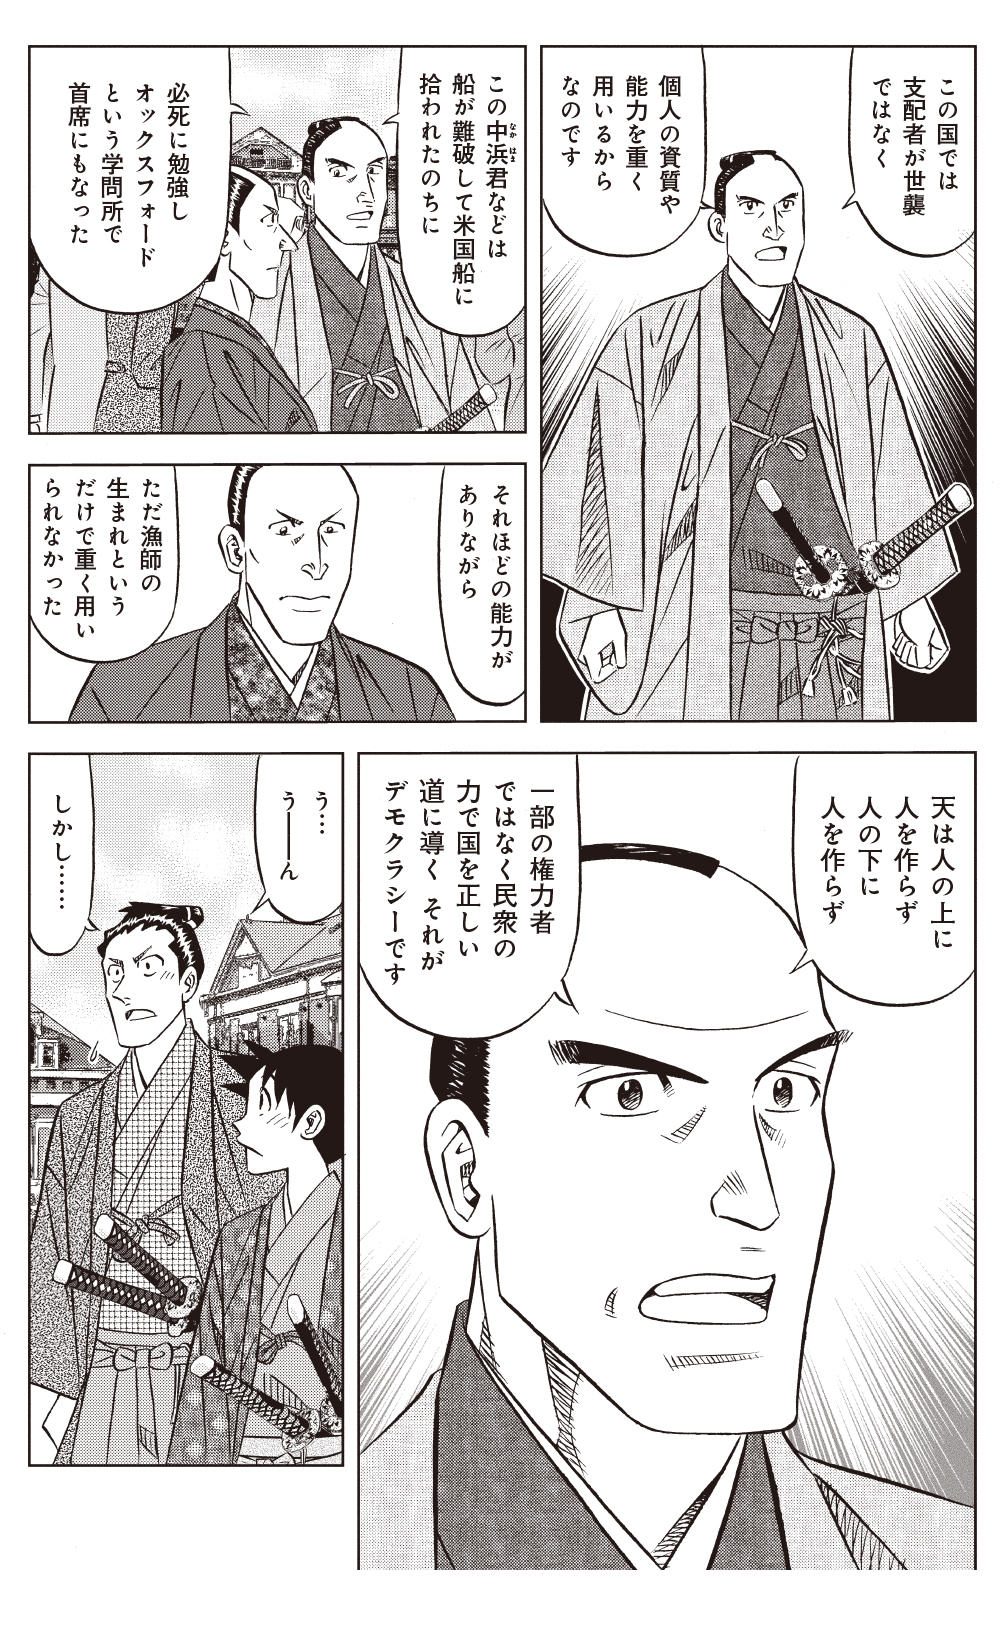 ミスター味っ子 幕末編 第3話「黄金大陸」①ajikko01-84.jpg